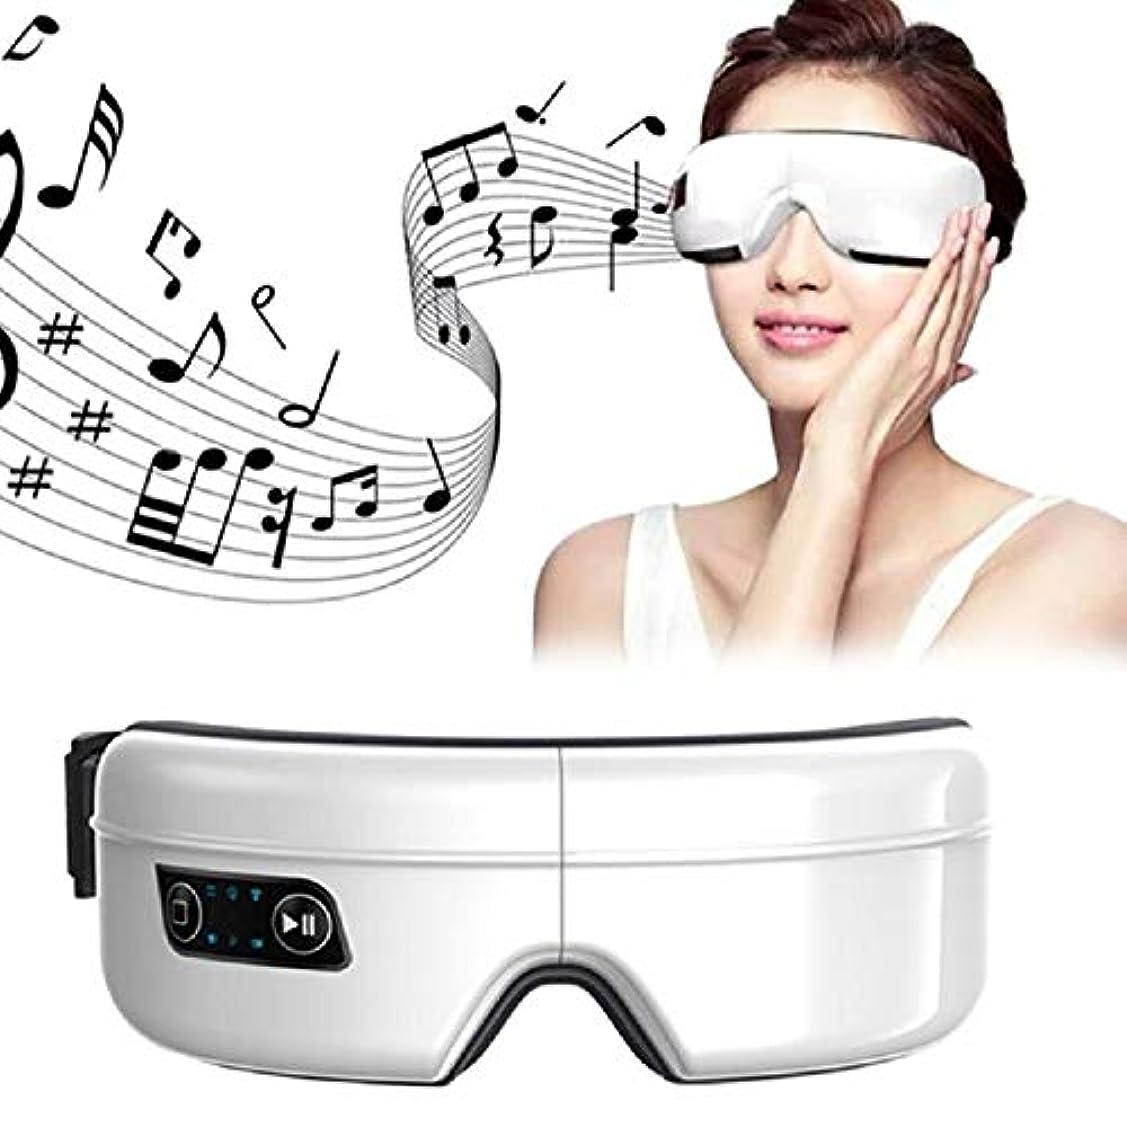 大事にするベンチャーラッドヤードキップリングRuzzy 高度な電気ワイヤレスアイマッサージSPAの楽器、音楽充電式美容ツール 購入へようこそ